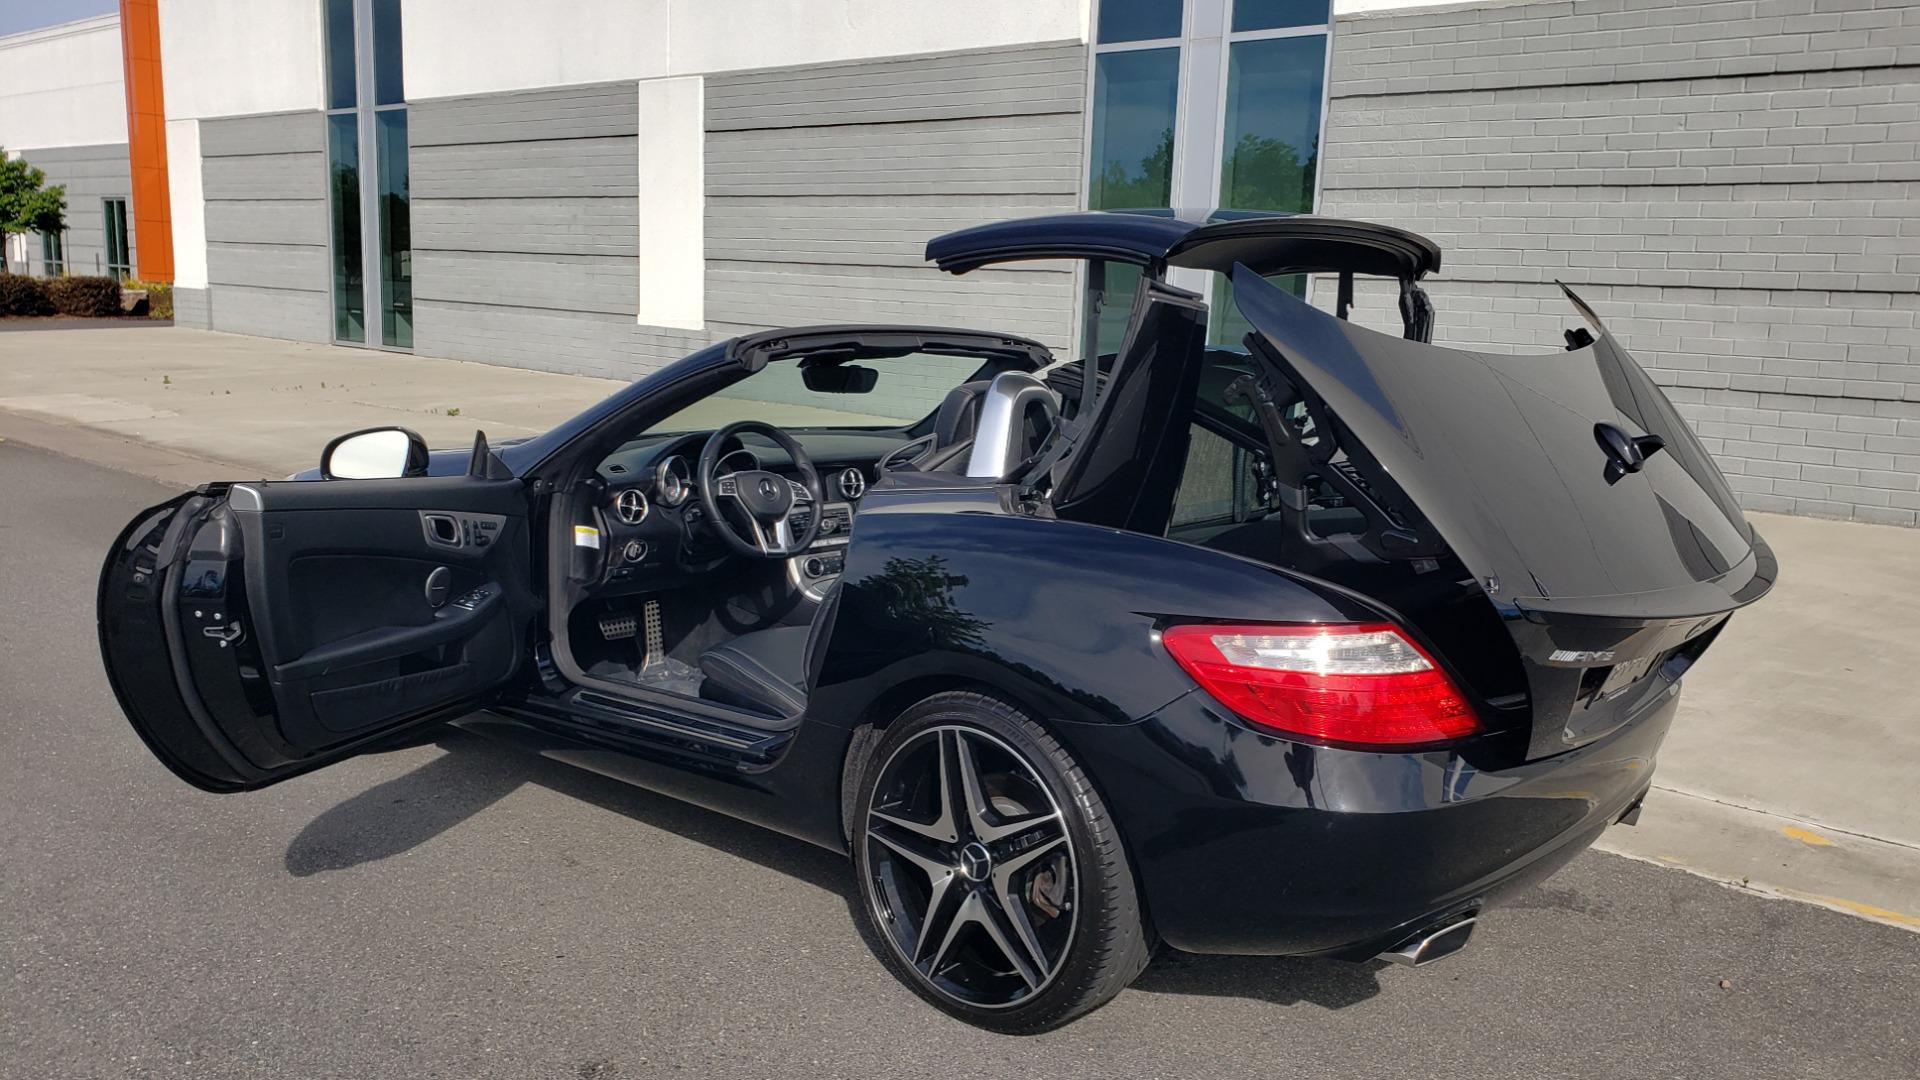 Used 2012 Mercedes-Benz SLK-CLASS SLK 250 ROADSTER / PREM 1 PKG / COMAND LAUNCH PKG / 7-SPD AUTO for sale $24,995 at Formula Imports in Charlotte NC 28227 15